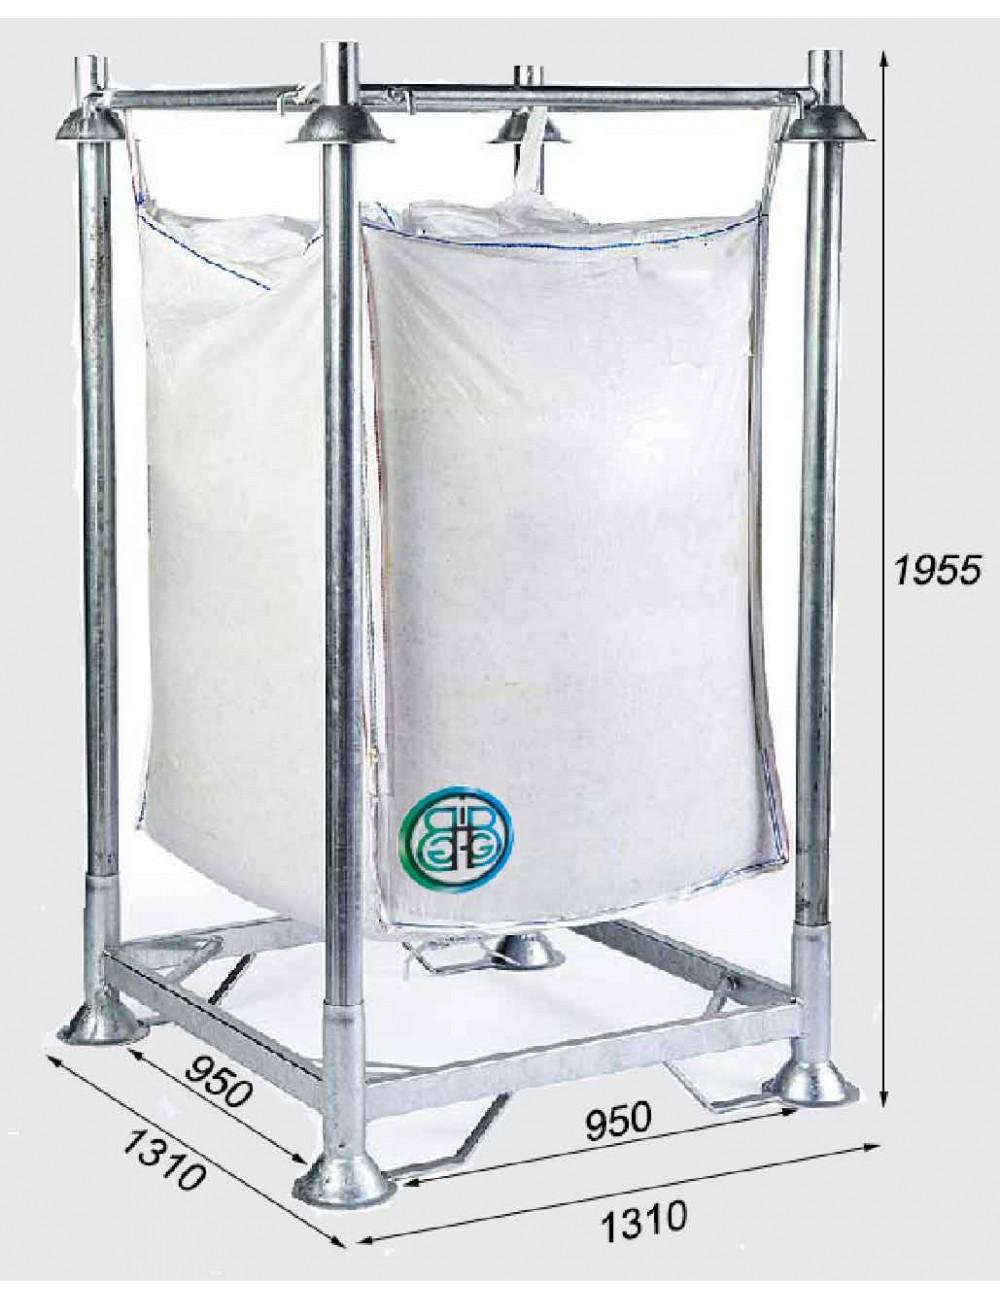 Soporte de relleno para Big Bag con base cerrada - Altura total 1955